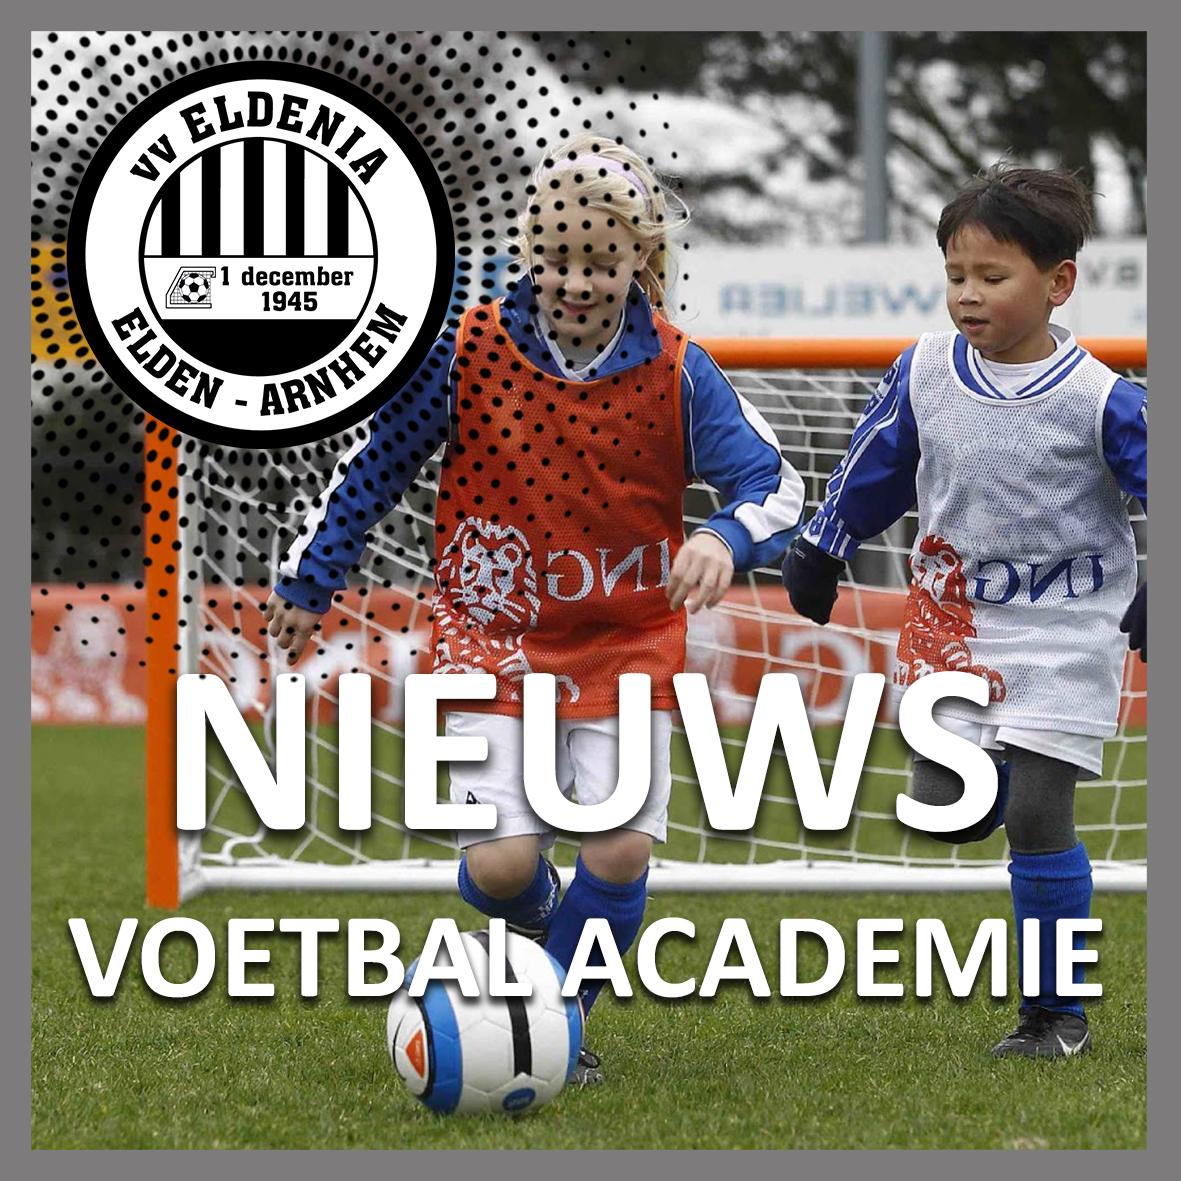 Nieuwe aanvangstijden Eldenia voetbalacademie